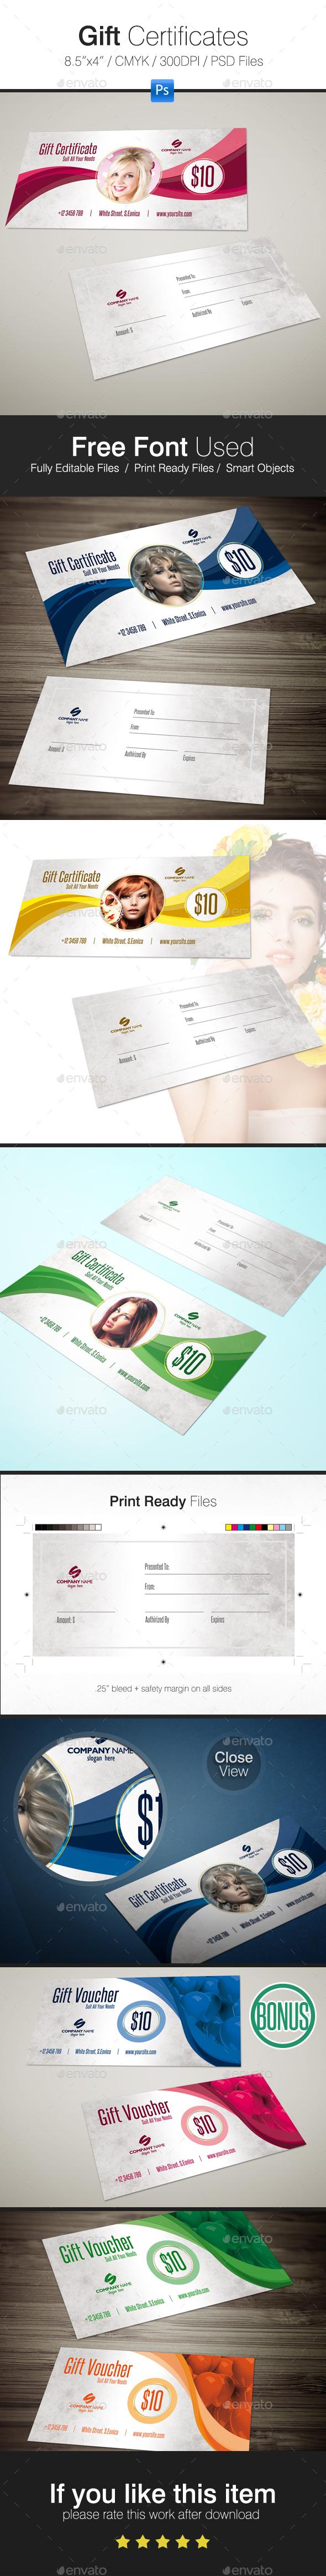 Gift Certificates + BONUS - Cards & Invites Print Templates